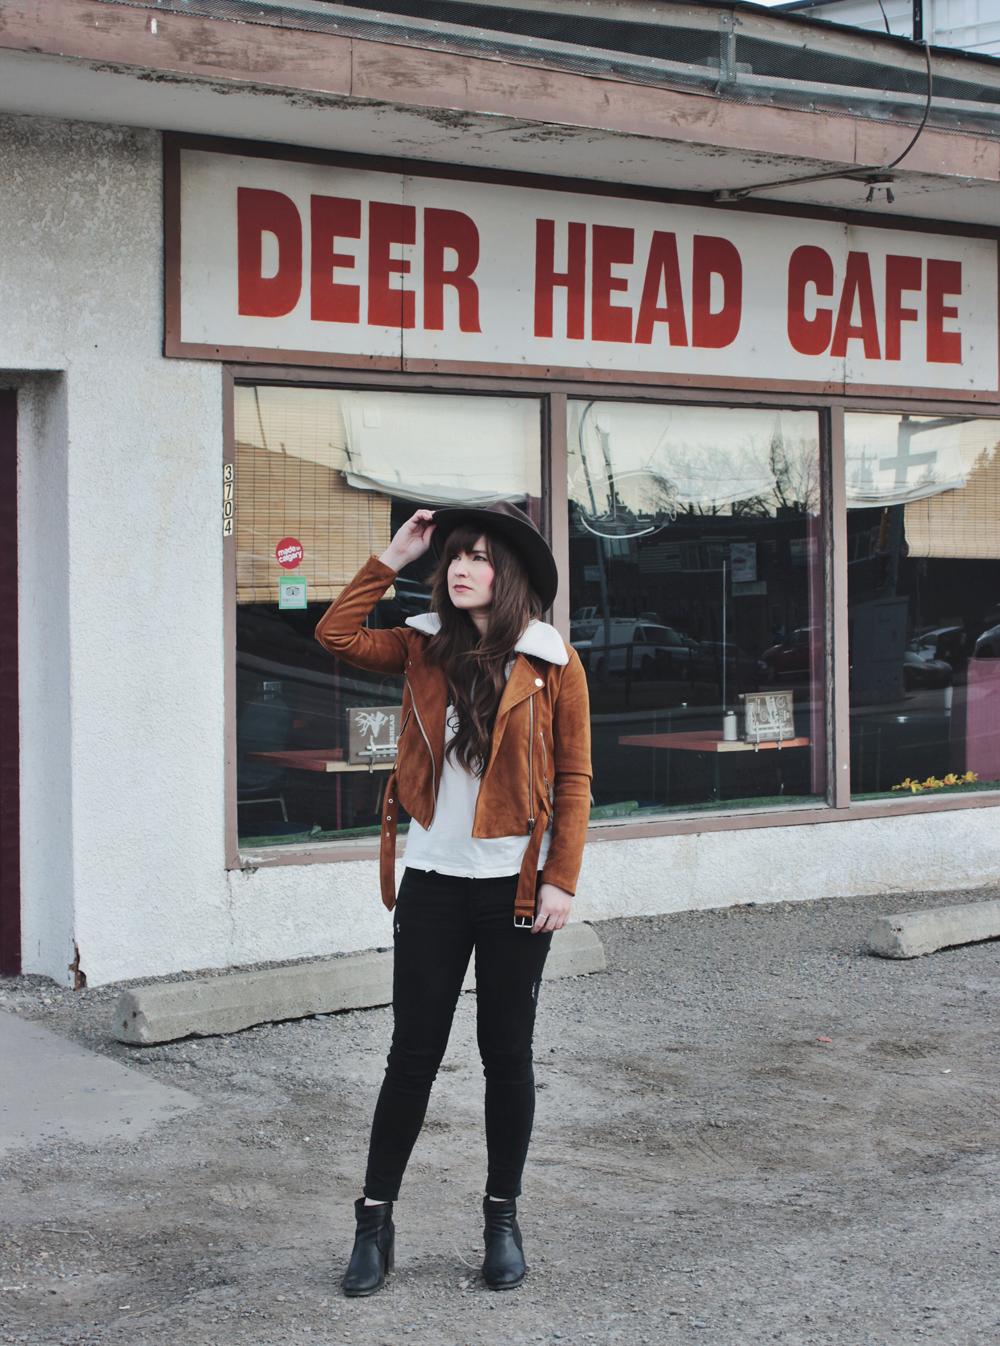 Deer Head Cafe Calgary Menu